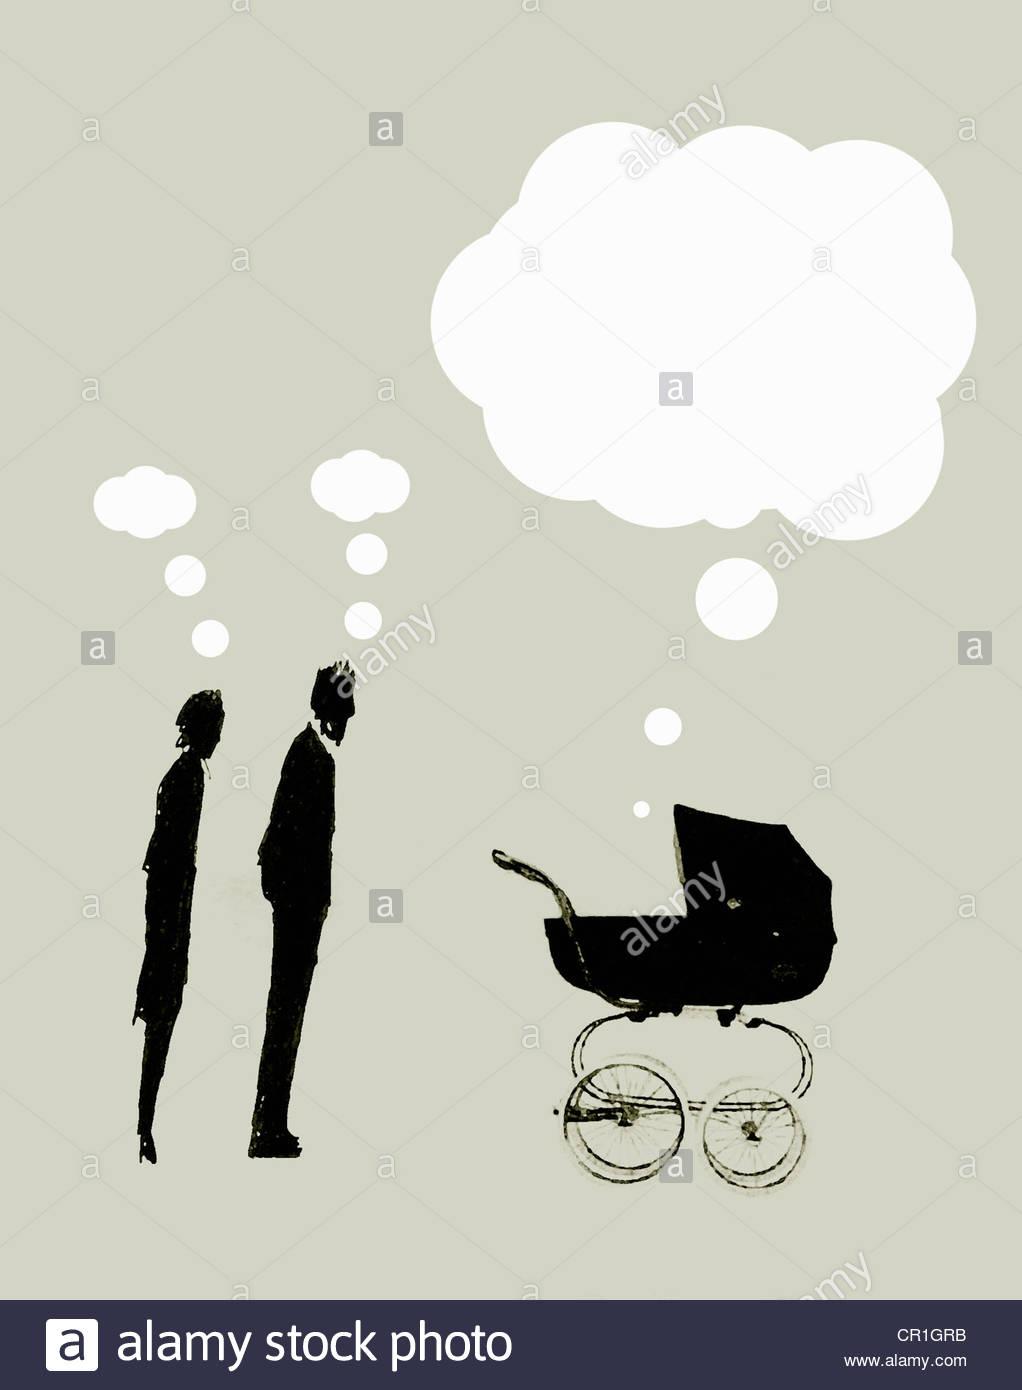 Eltern mit kleiner Gedanke Luftblasen Overhead Kinderwagen mit großen Sprechblase oben betrachten Stockbild